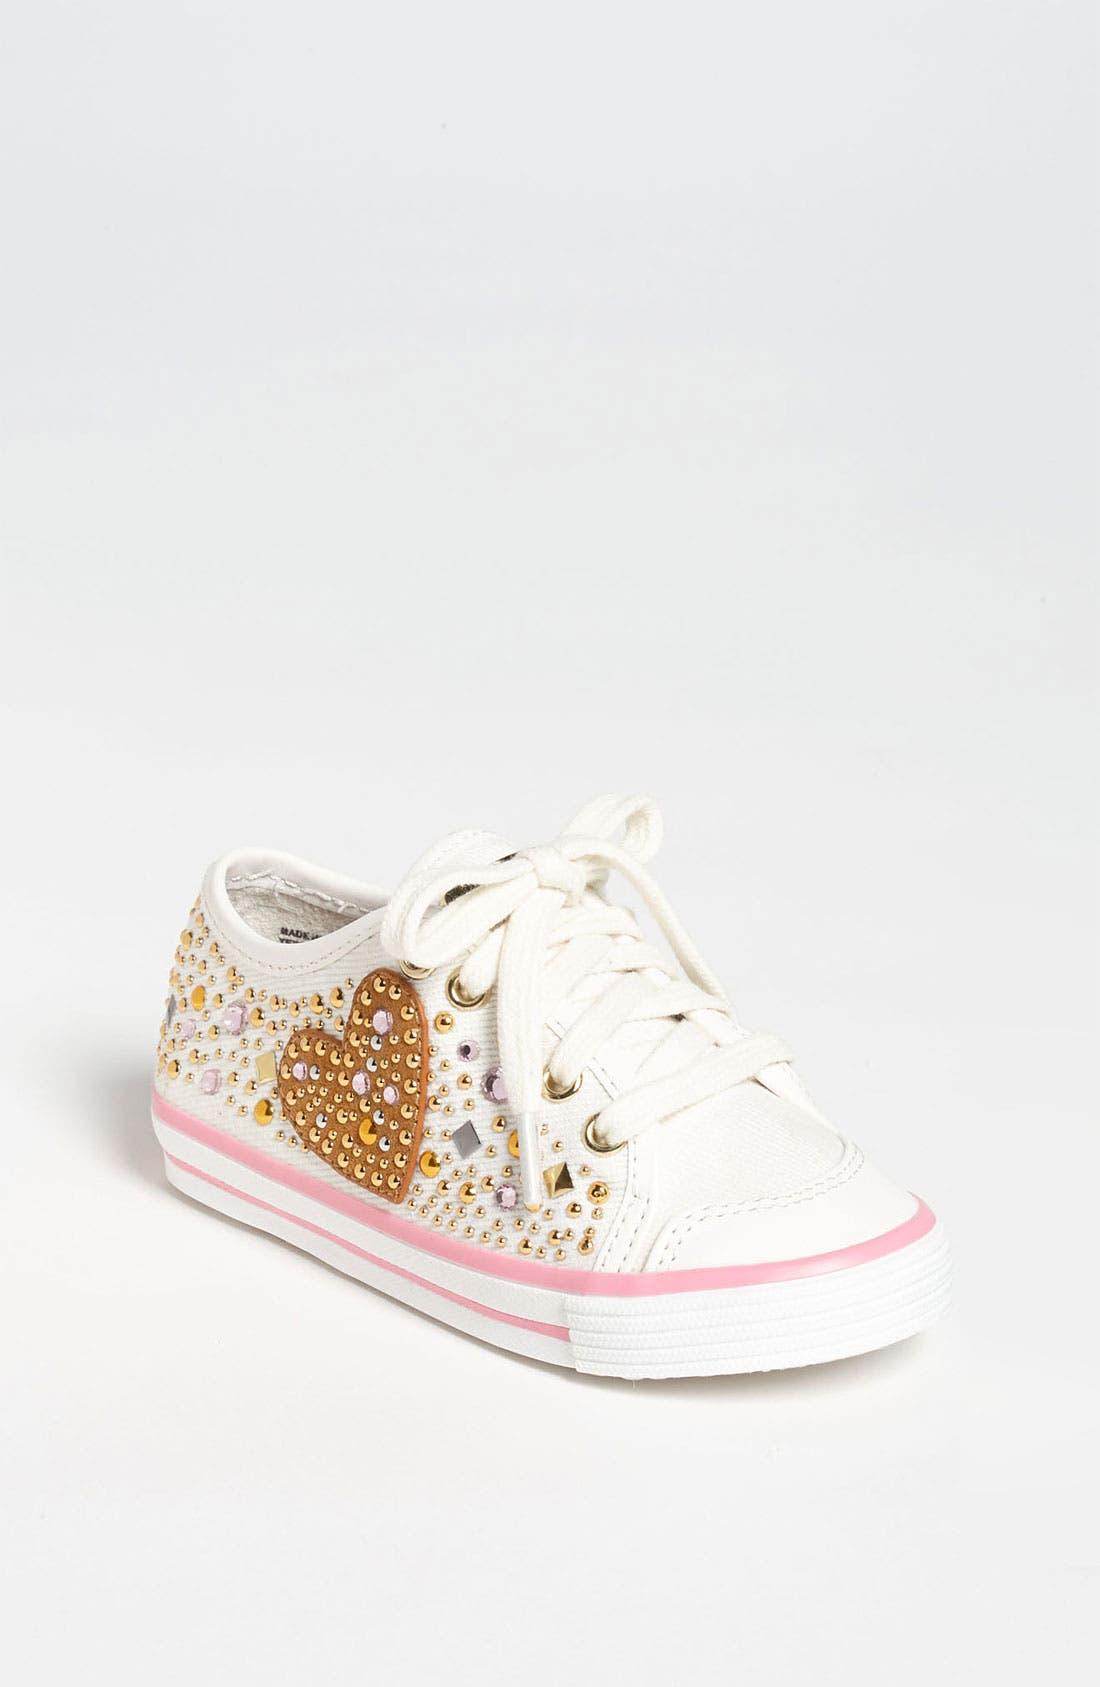 Alternate Image 1 Selected - KORS Michael Kors 'Firecracker' Sneaker (Toddler)